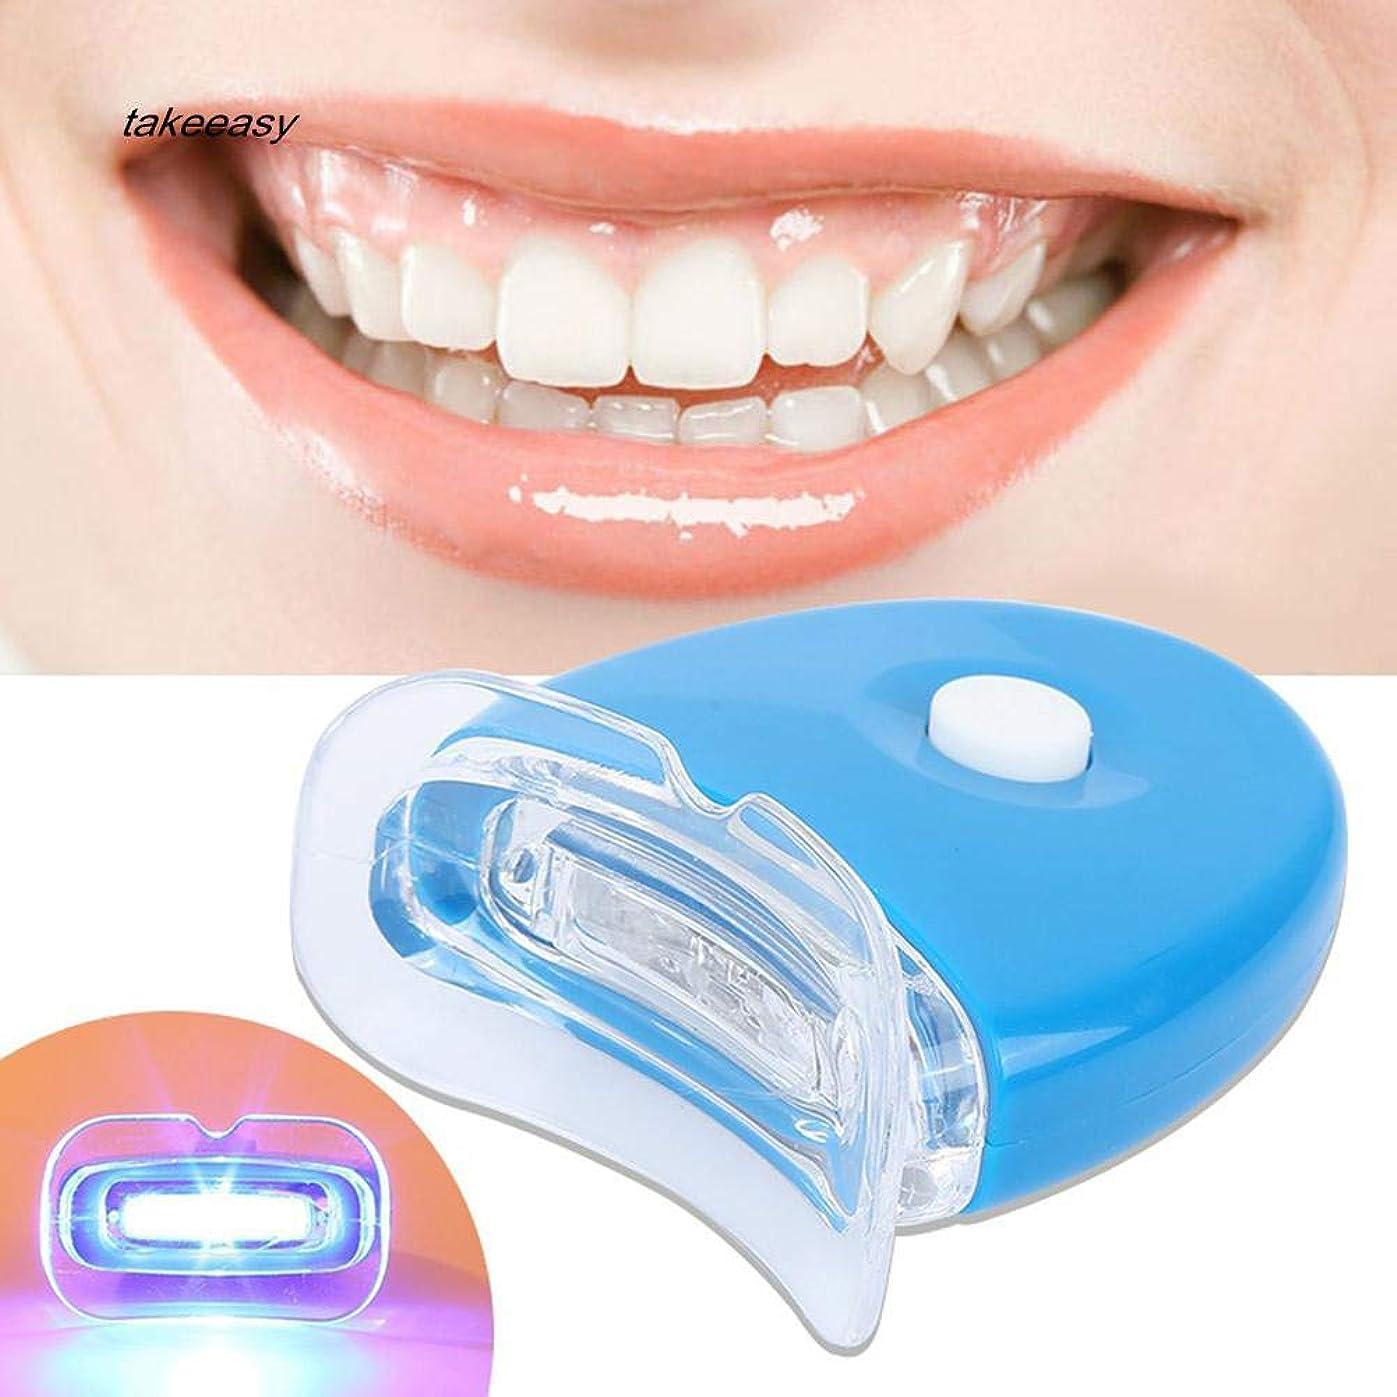 コンプリートスポーツ熟練した歯ホワイトニング器 歯美白器 美歯器 ホワイトニング ホワイトナー ケア 歯の消しゴム 歯科機器 口腔ゲルキット ライト付き 歯を白くする